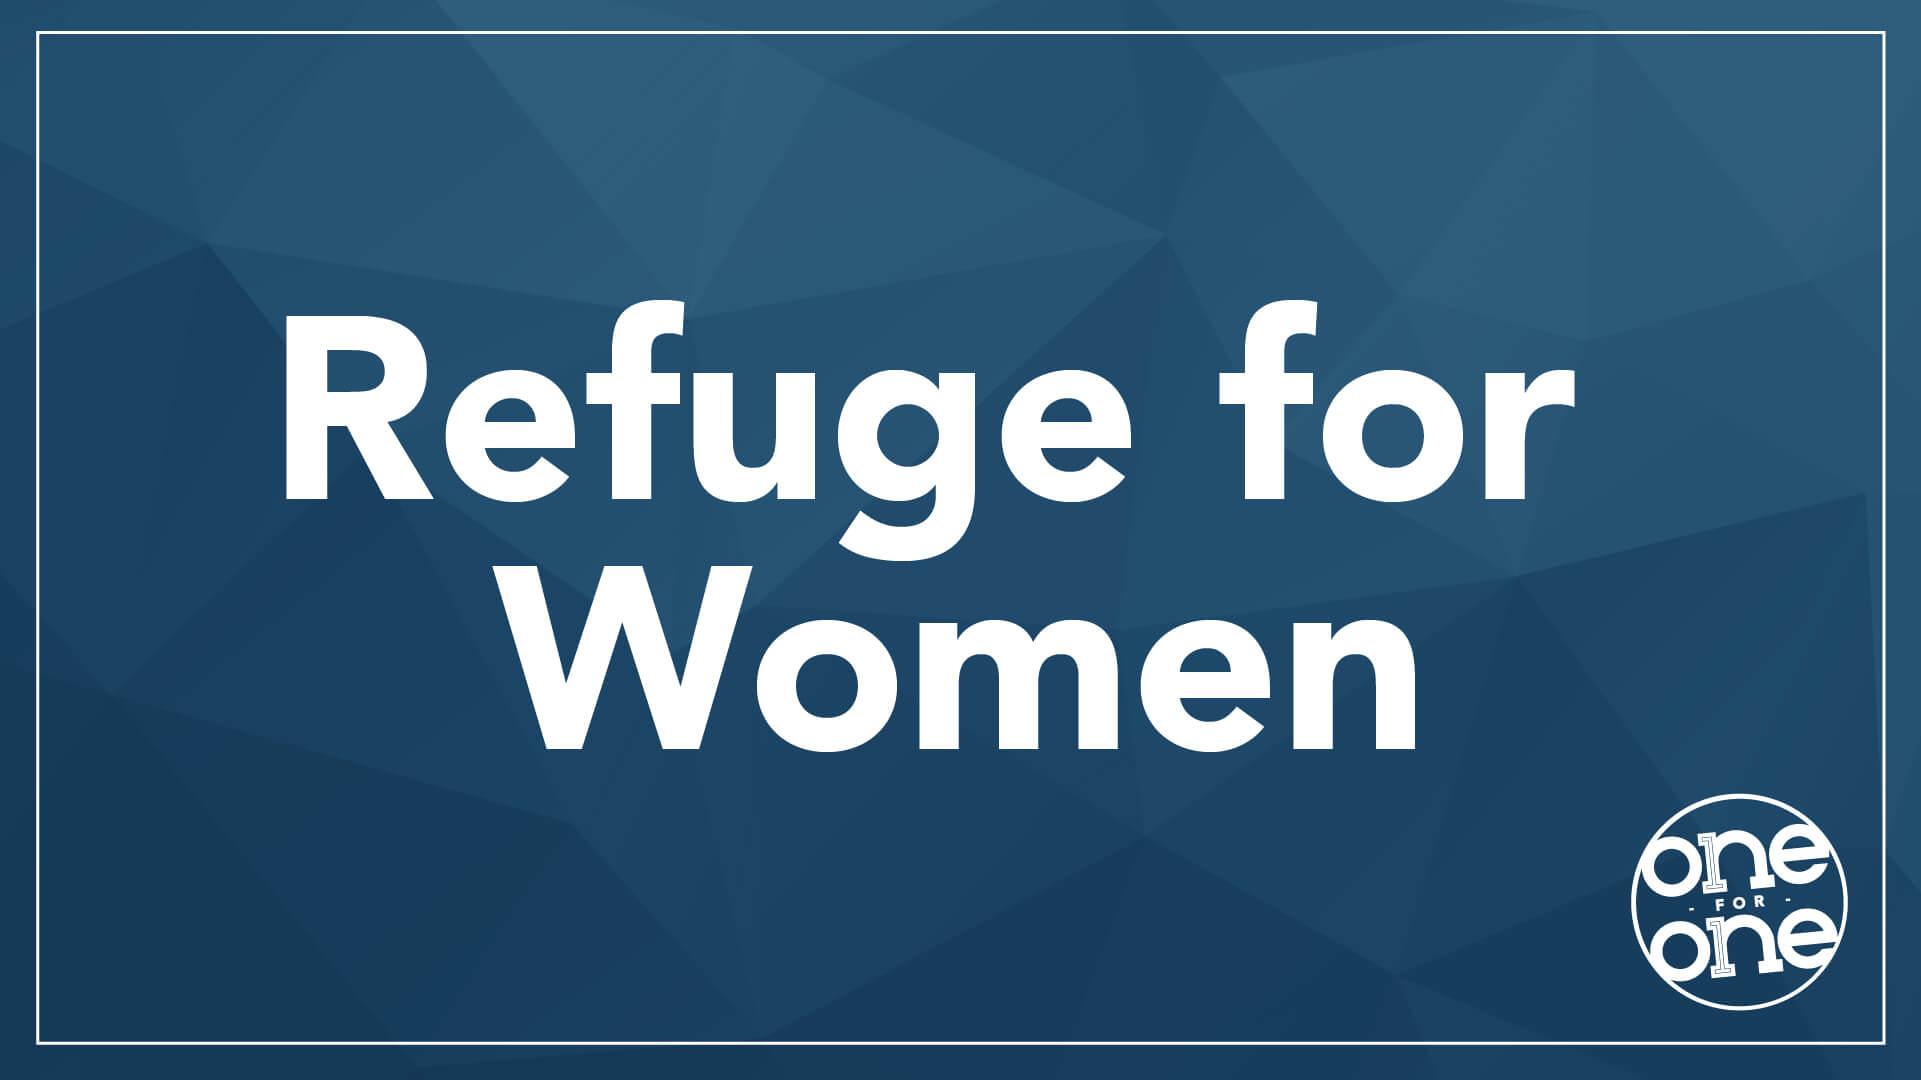 OFO - Refuge for Women